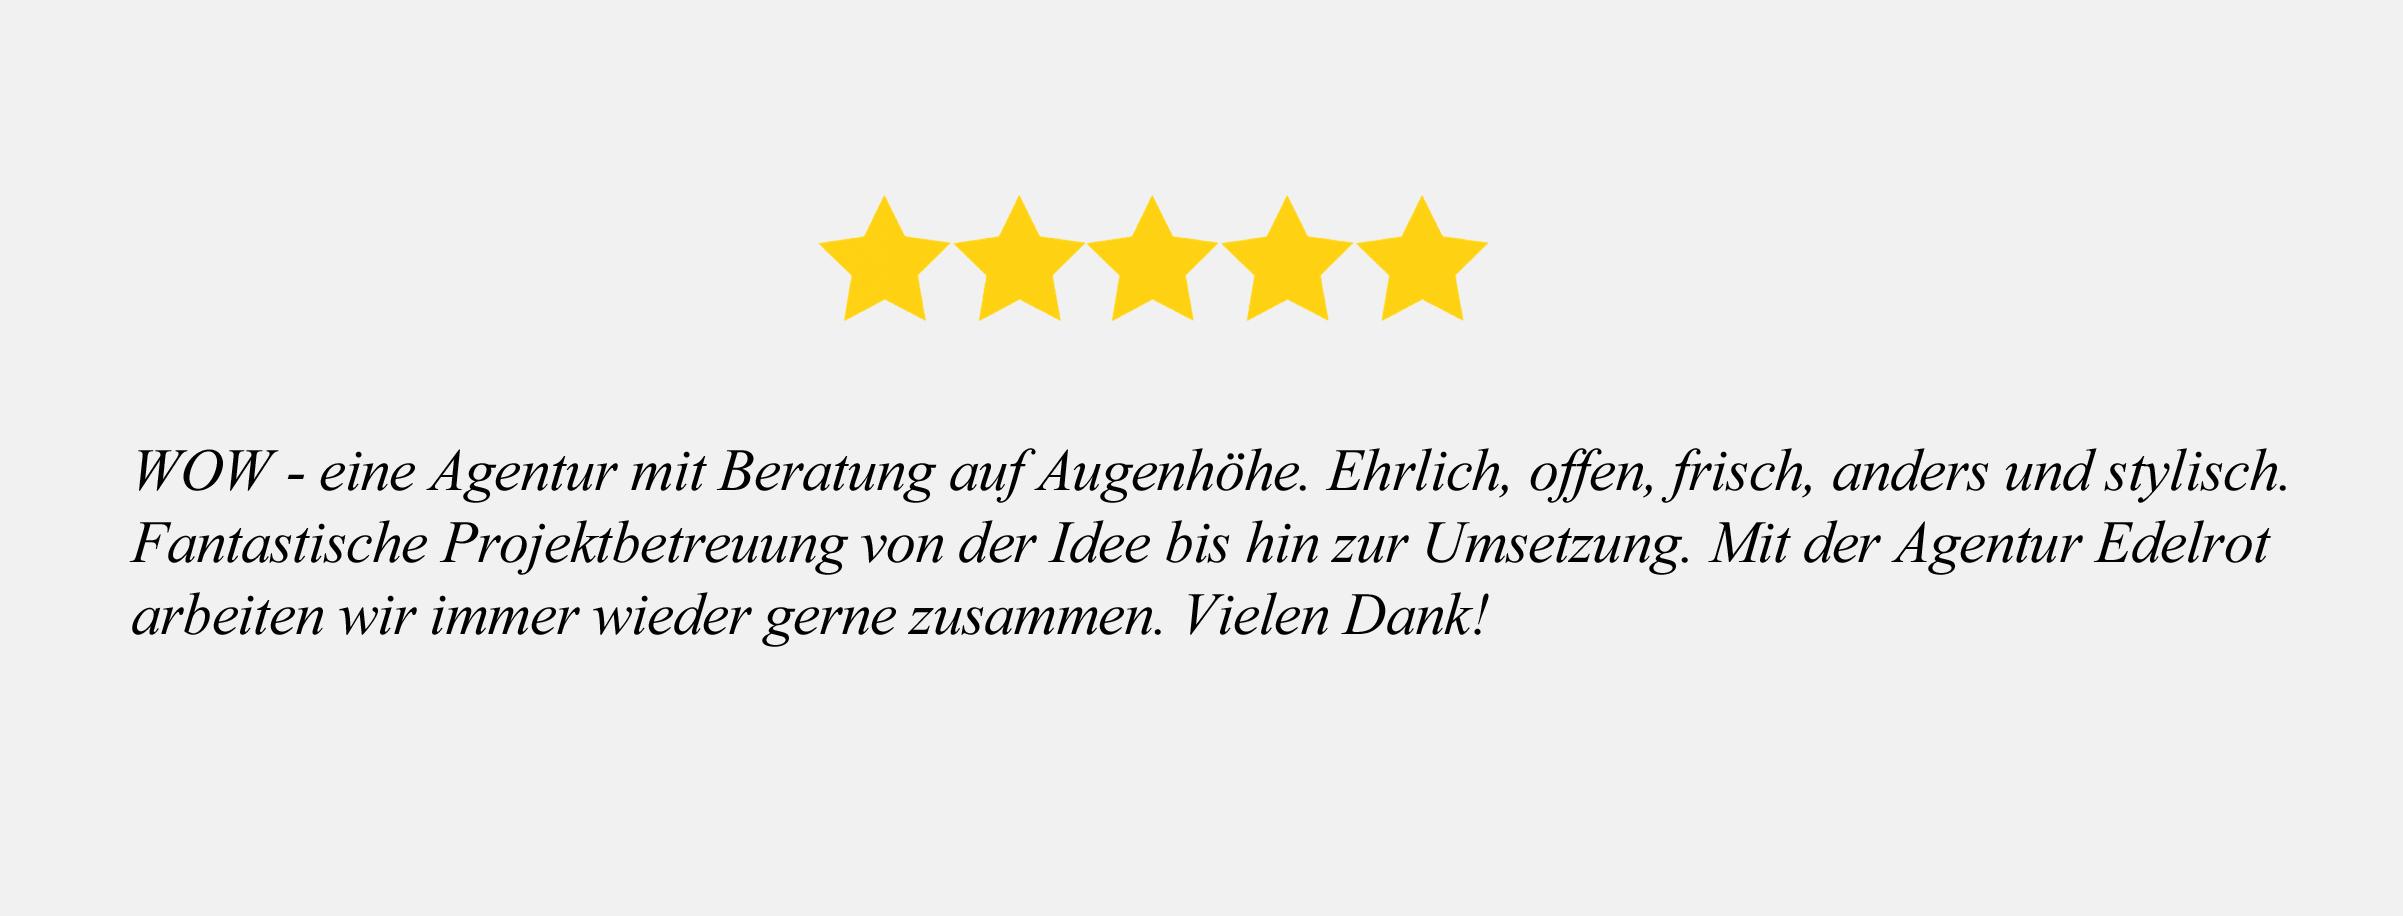 referenz-agentur-heidelberg-beratung-marketing